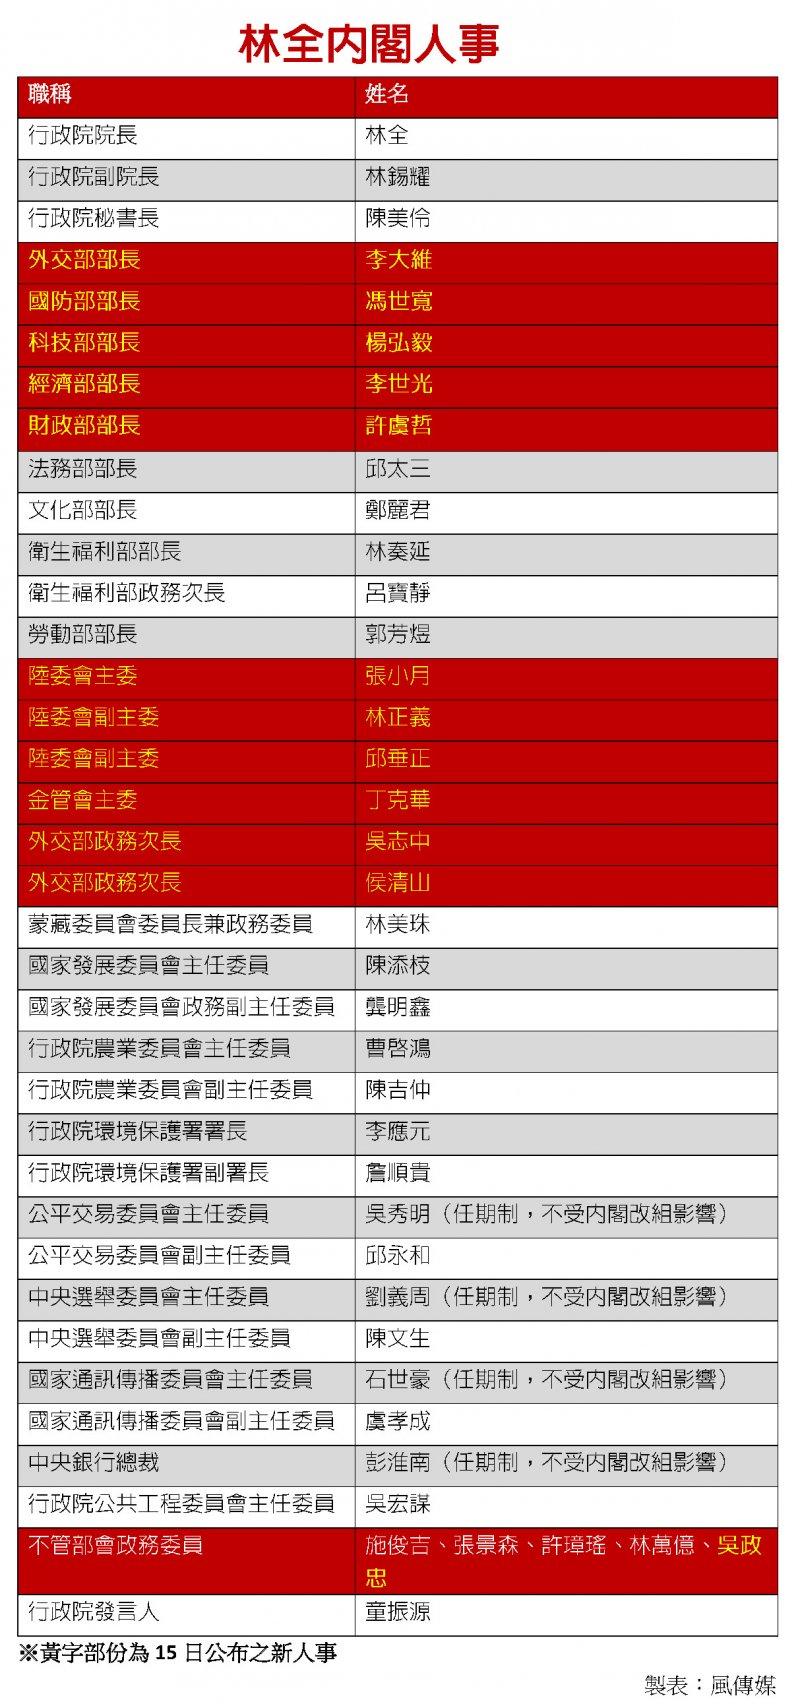 林全15日公布第三波內閣人事